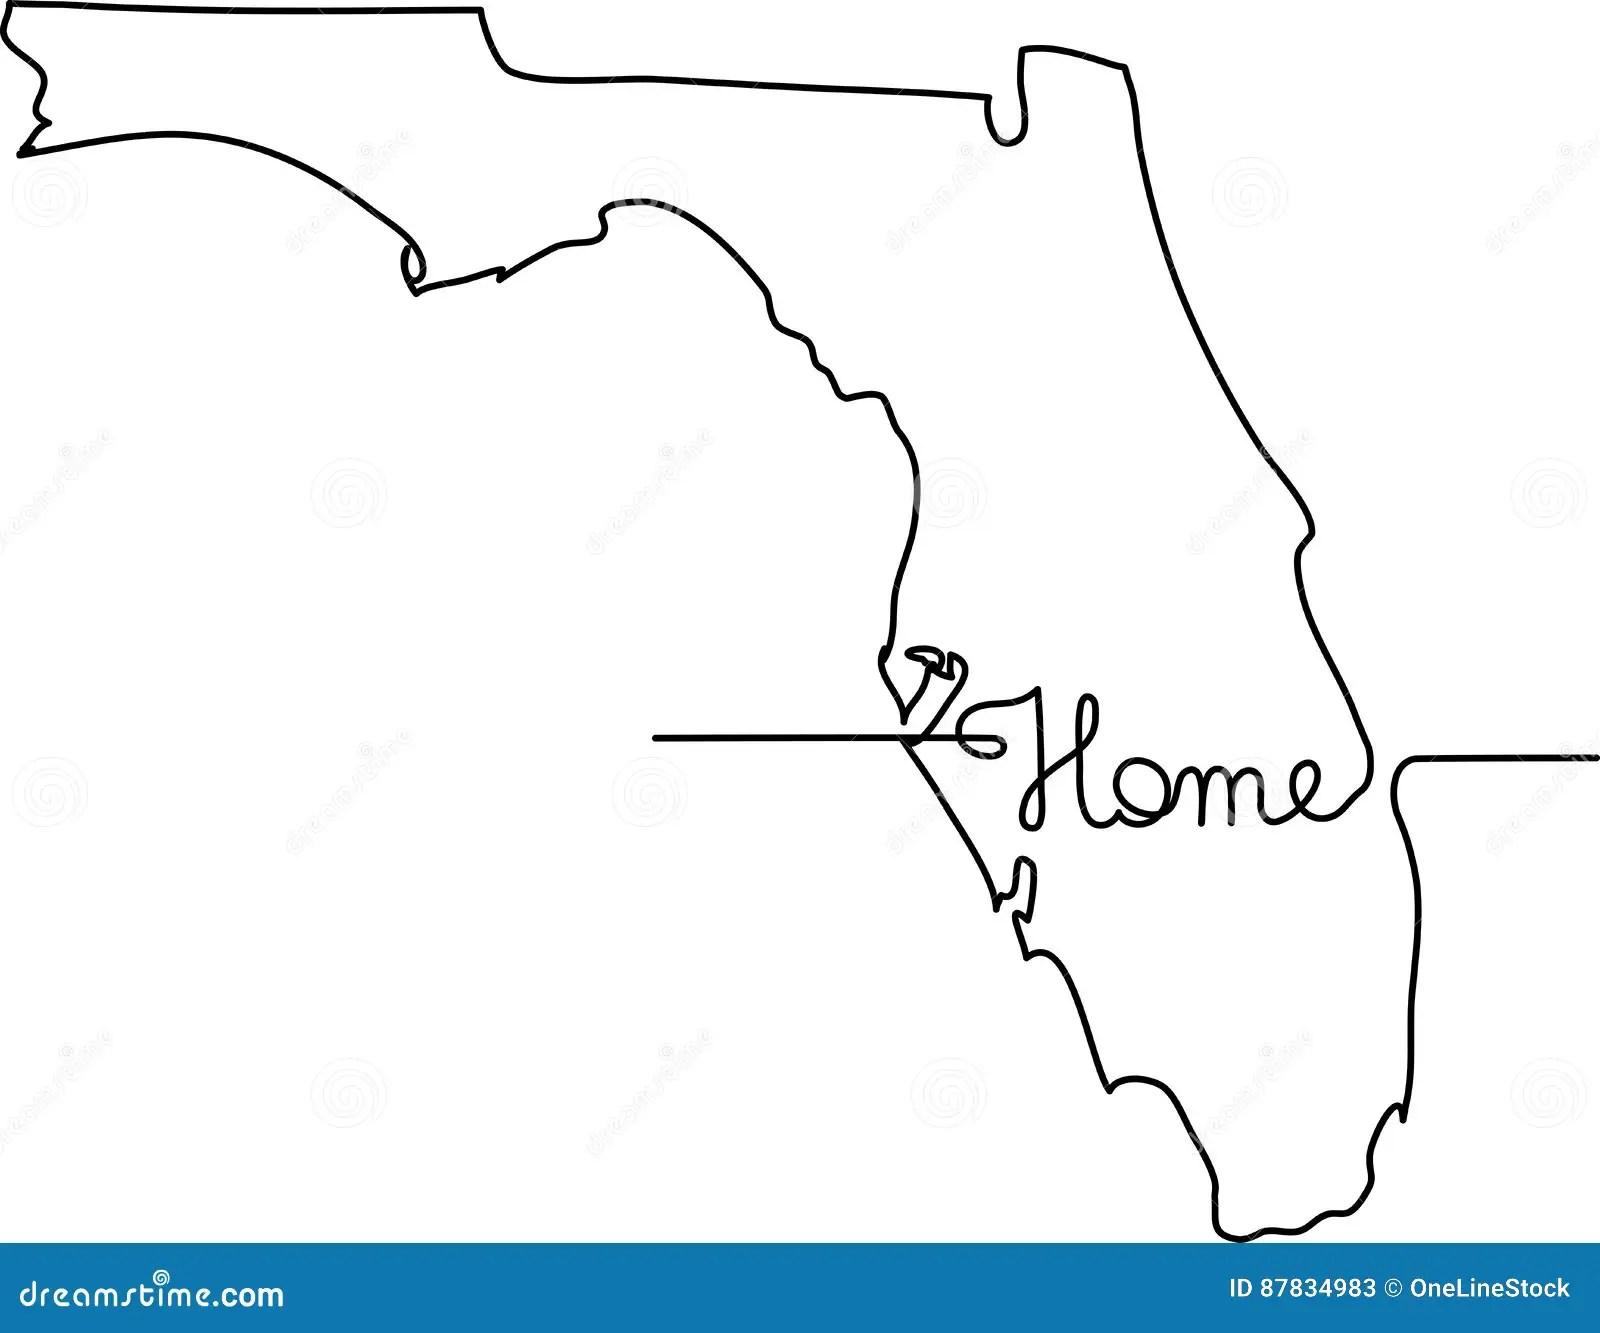 P Of Florida